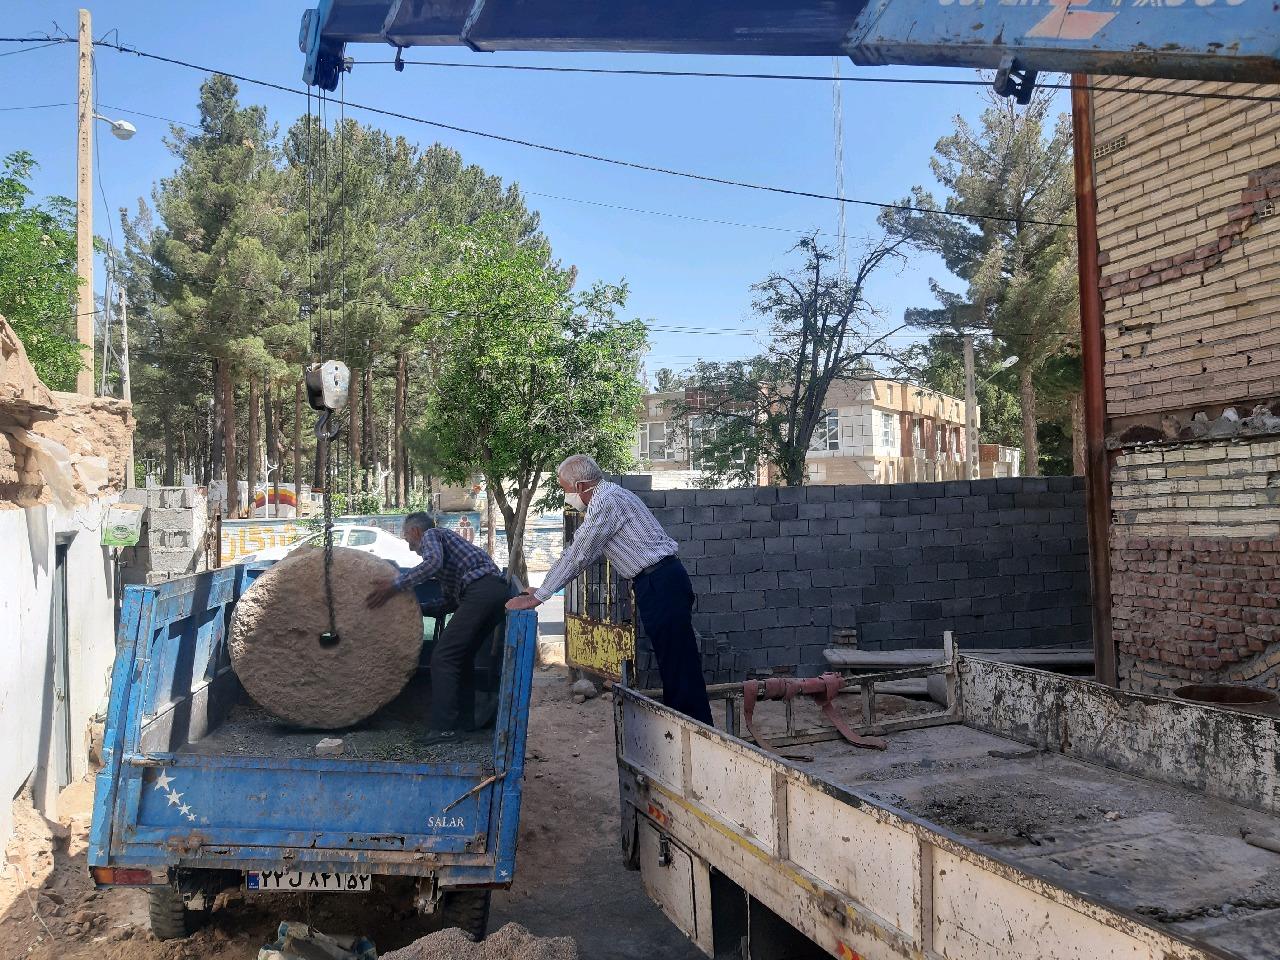 احیای آسیاب روستای شواکند با اهدای دو سنگ آسباد